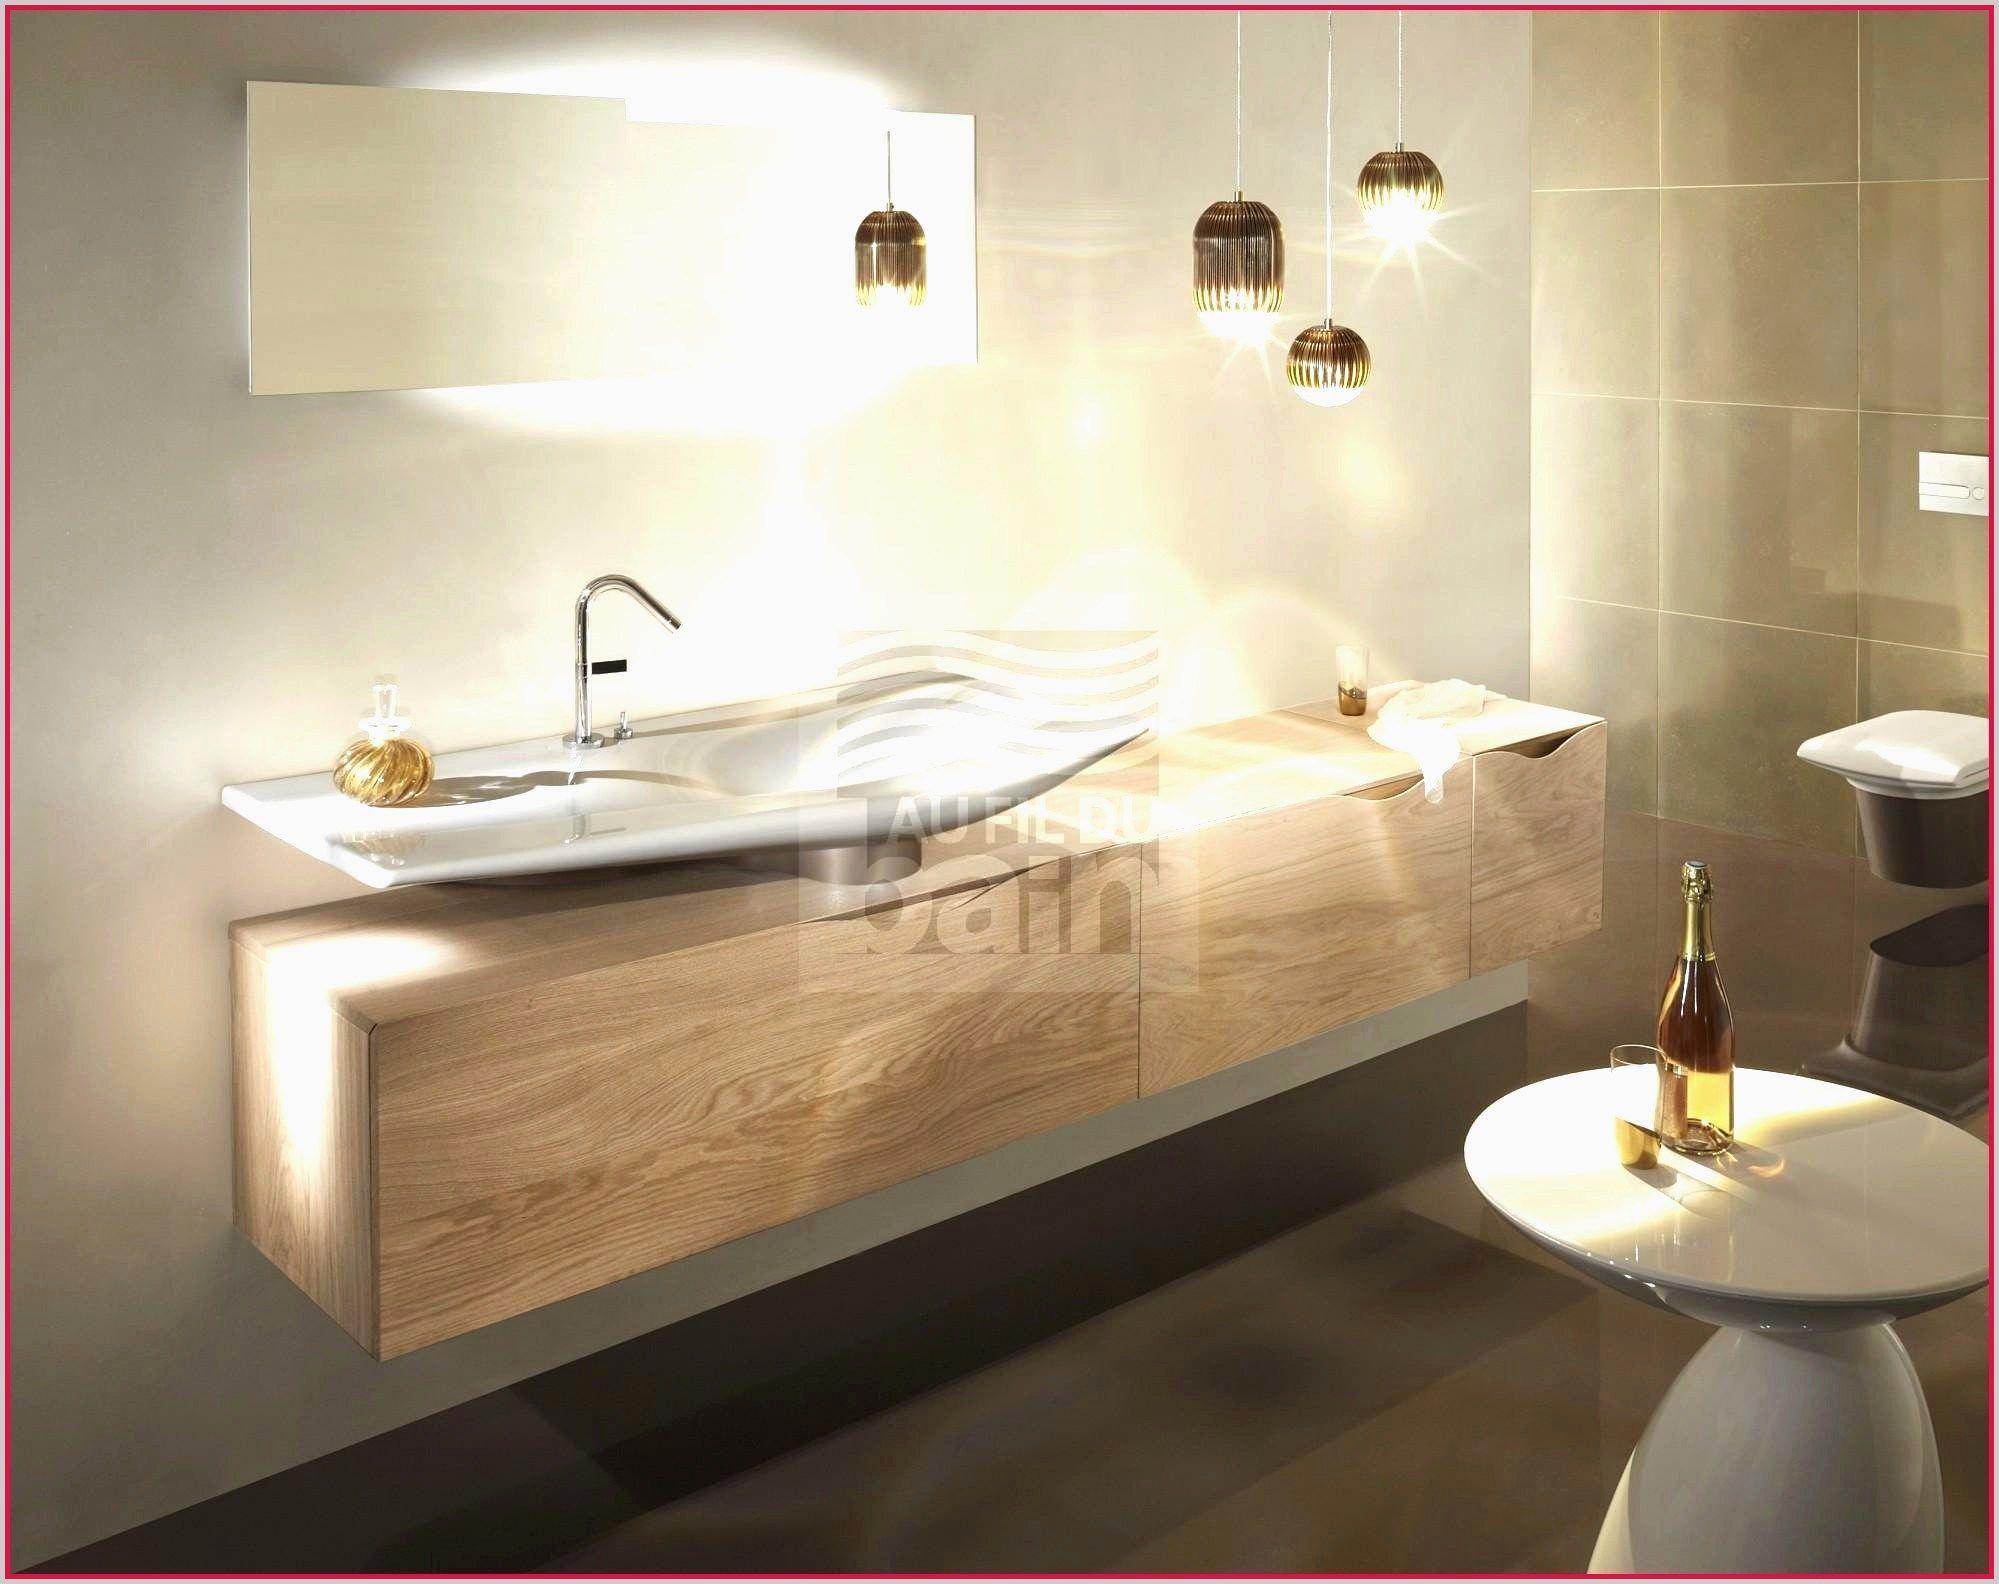 bain #Castorama #meilleur #Meuble #salle #teck Meuble Salle De